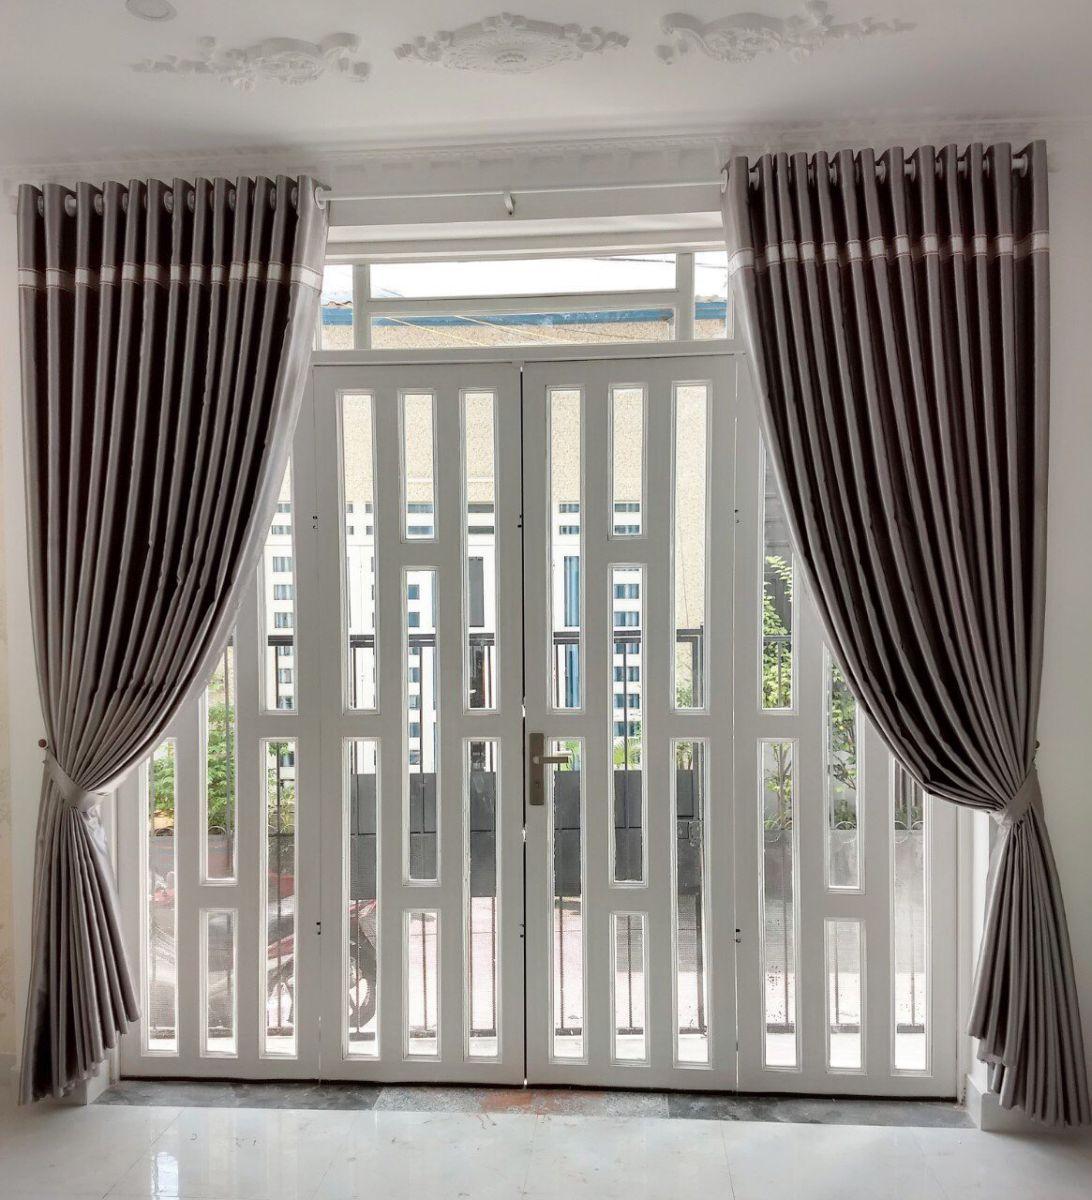 Nên mua rèm cửa ở đâu vừa đẹp vừa đảm bảo giá cả tốt nhất?